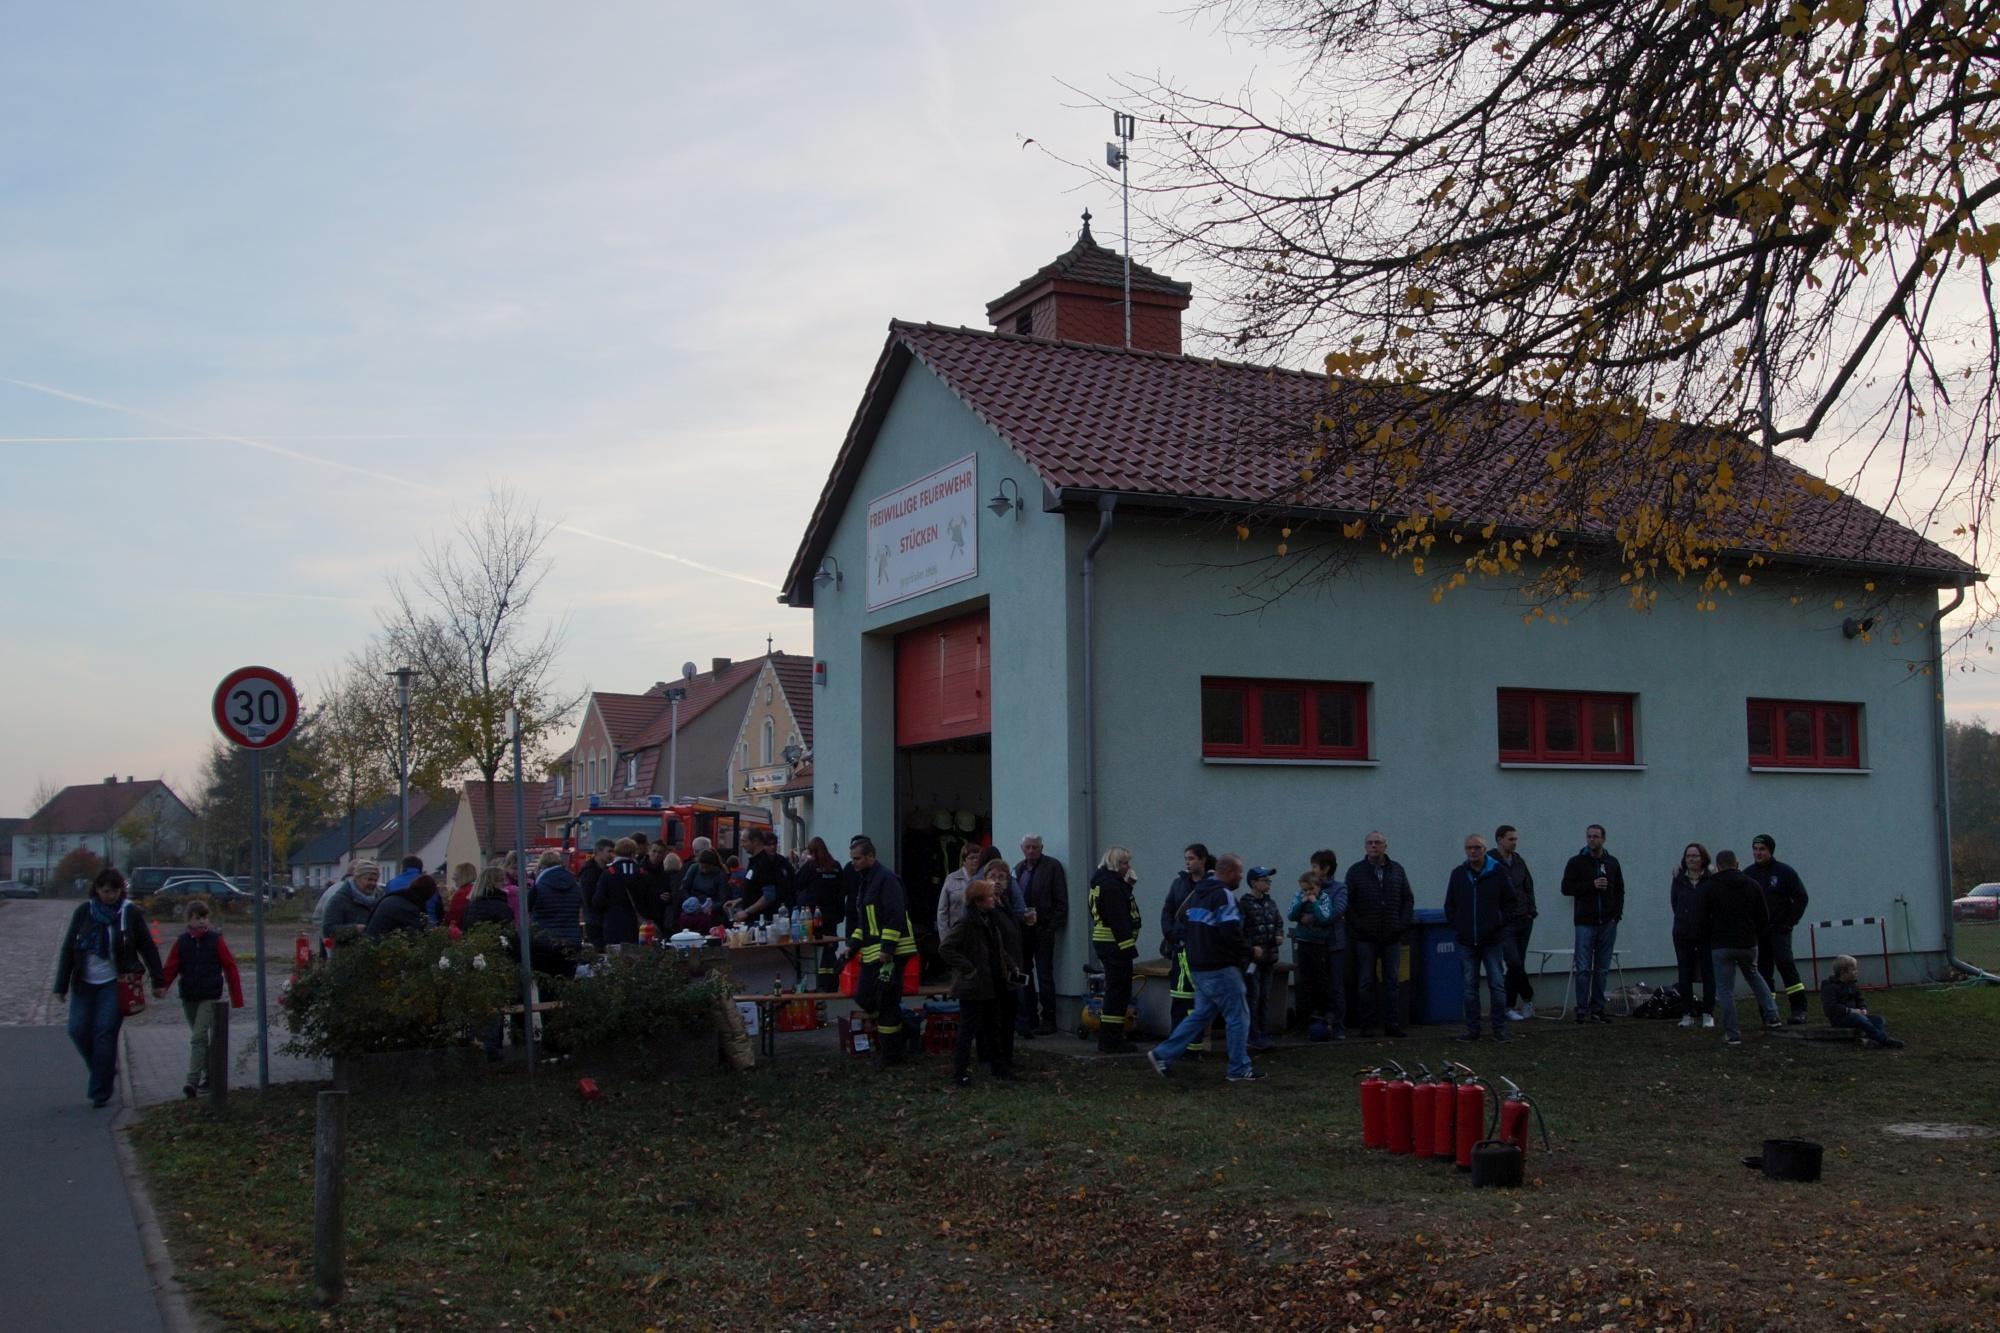 Feuerwehr_Tag_der_offenen_Tür_2018_35